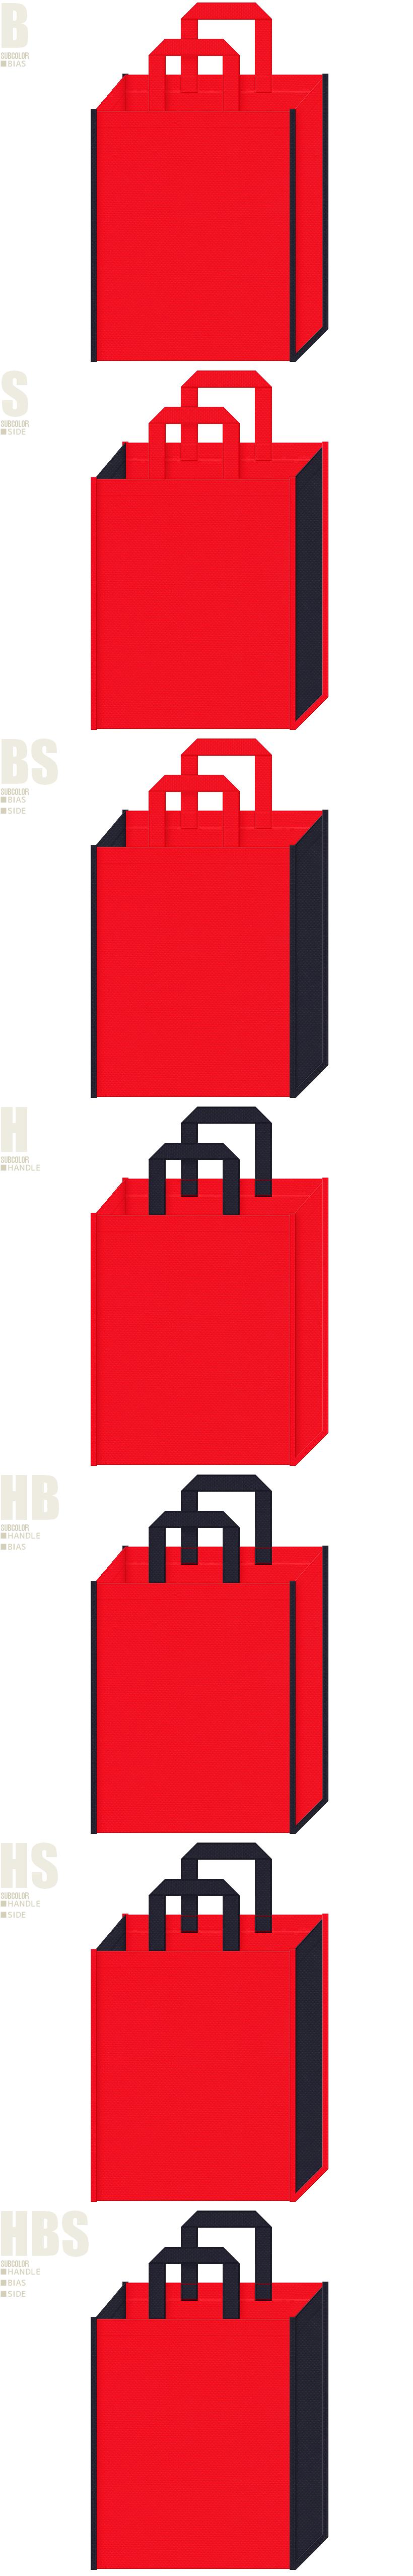 赤色と濃紺色、7パターンの不織布トートバッグ配色デザイン例。アウトドア・スポーツイベント向け不織布バッグにお奨めです。